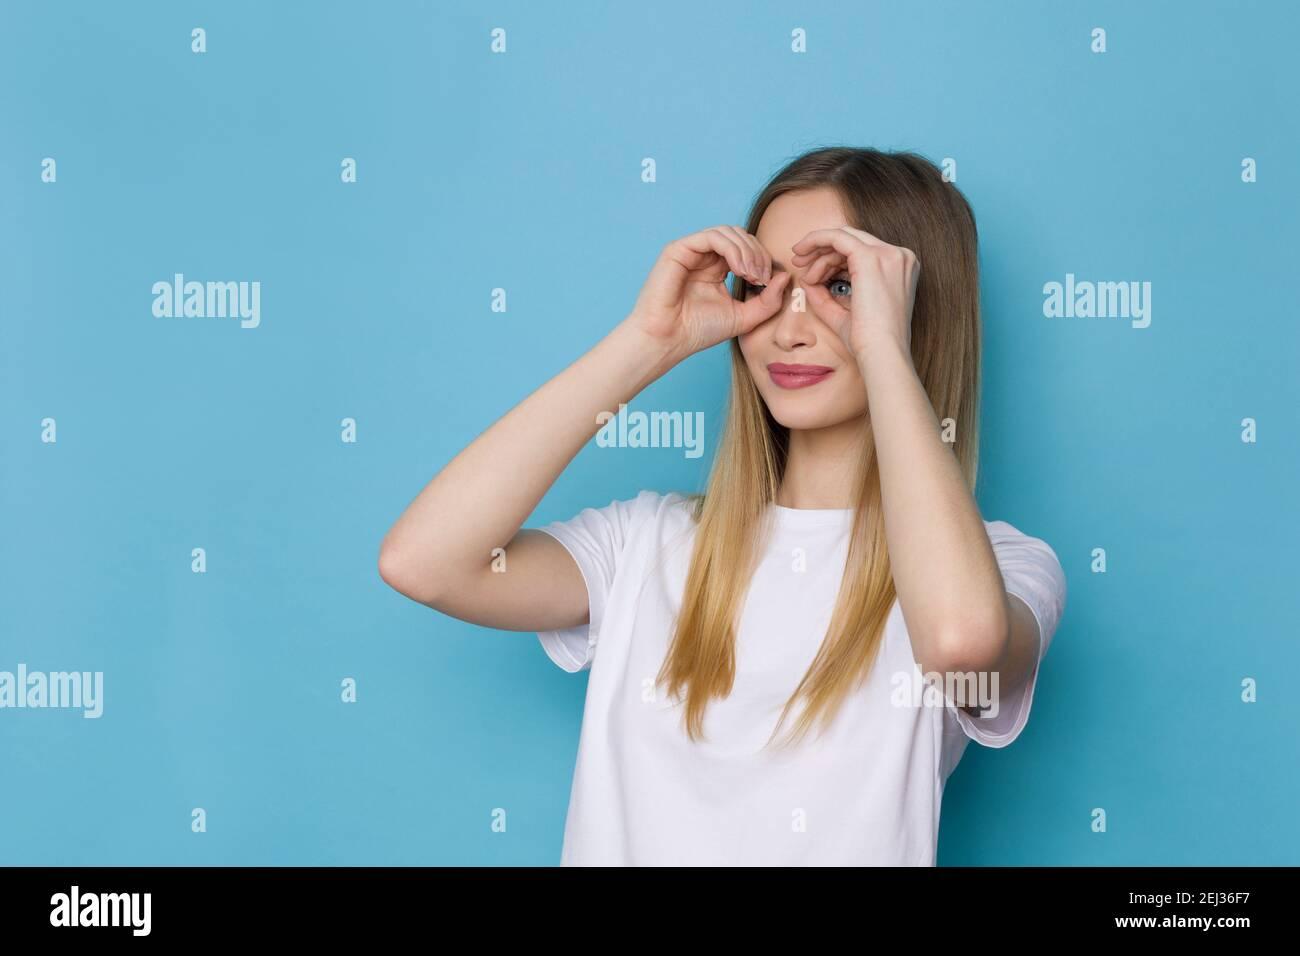 Jeune femme mignonne en chemise blanche fait des jumelles mains et regarde loin. Taille haute studio tourné sur fond bleu. Banque D'Images